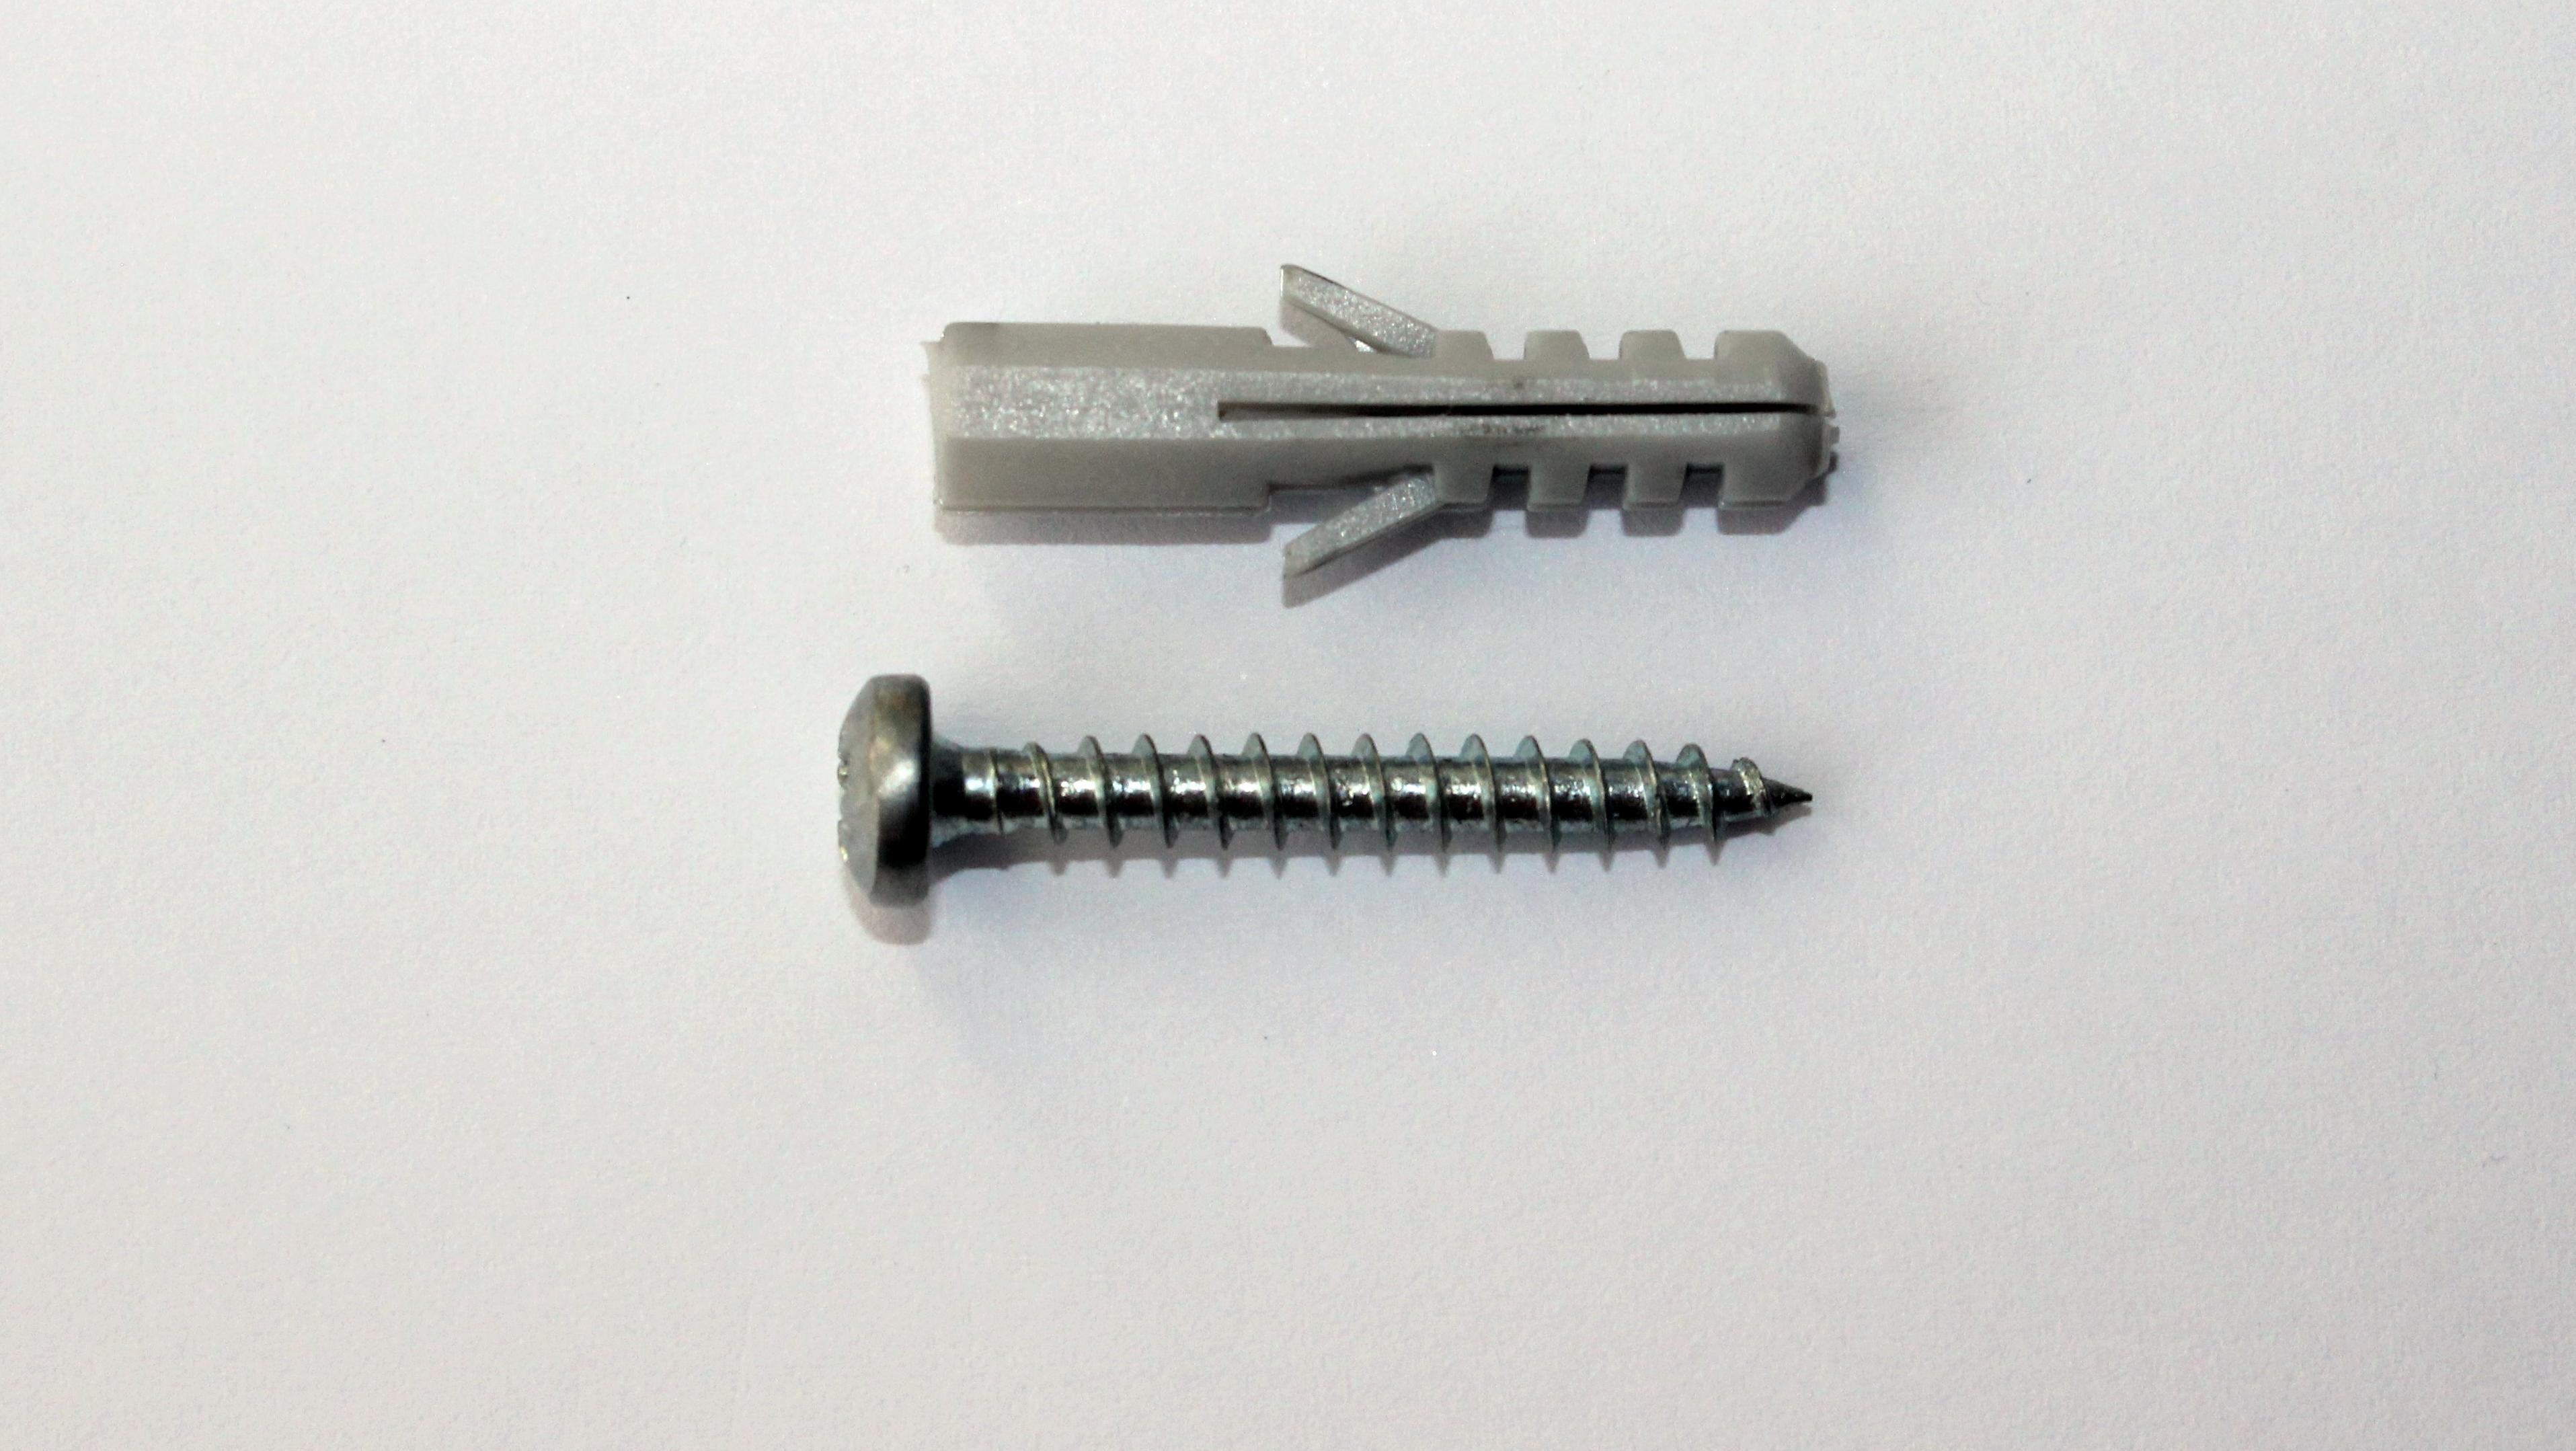 Ein Fischer-Dübel und eine passende Schraube liegen nebeneinander. Artur Fischer hat den Dübel erfunden und am 7. November 1958 zum Patent angemeldet.